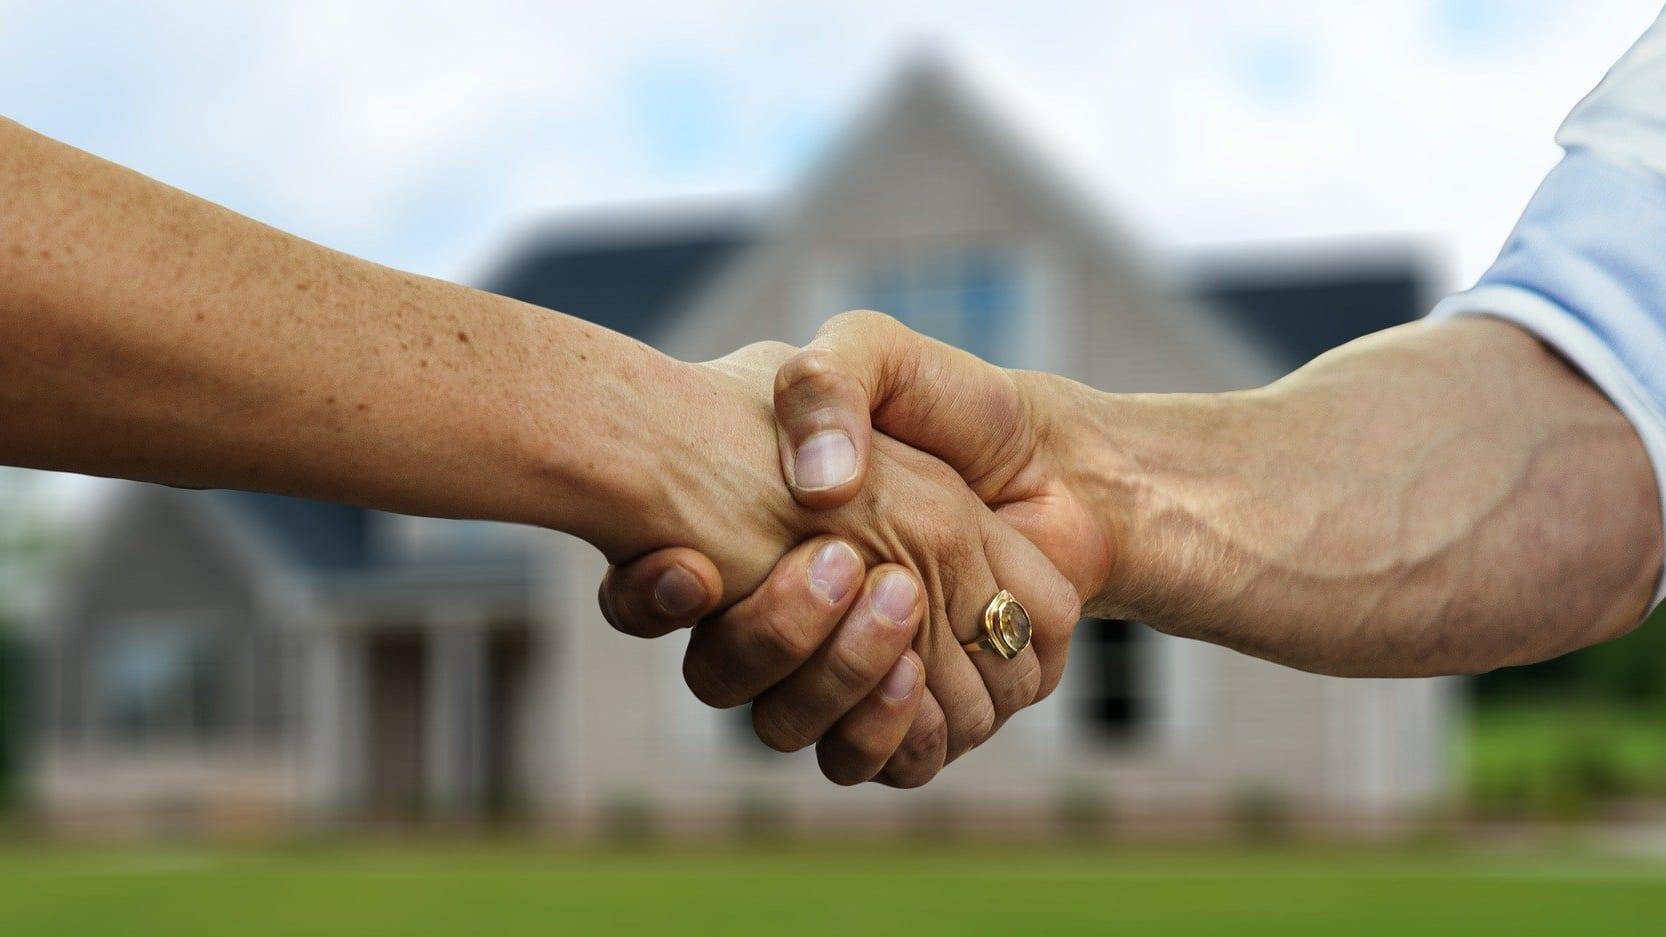 Marge de négociation dans l'immobilier: de combien puis-je négocier?